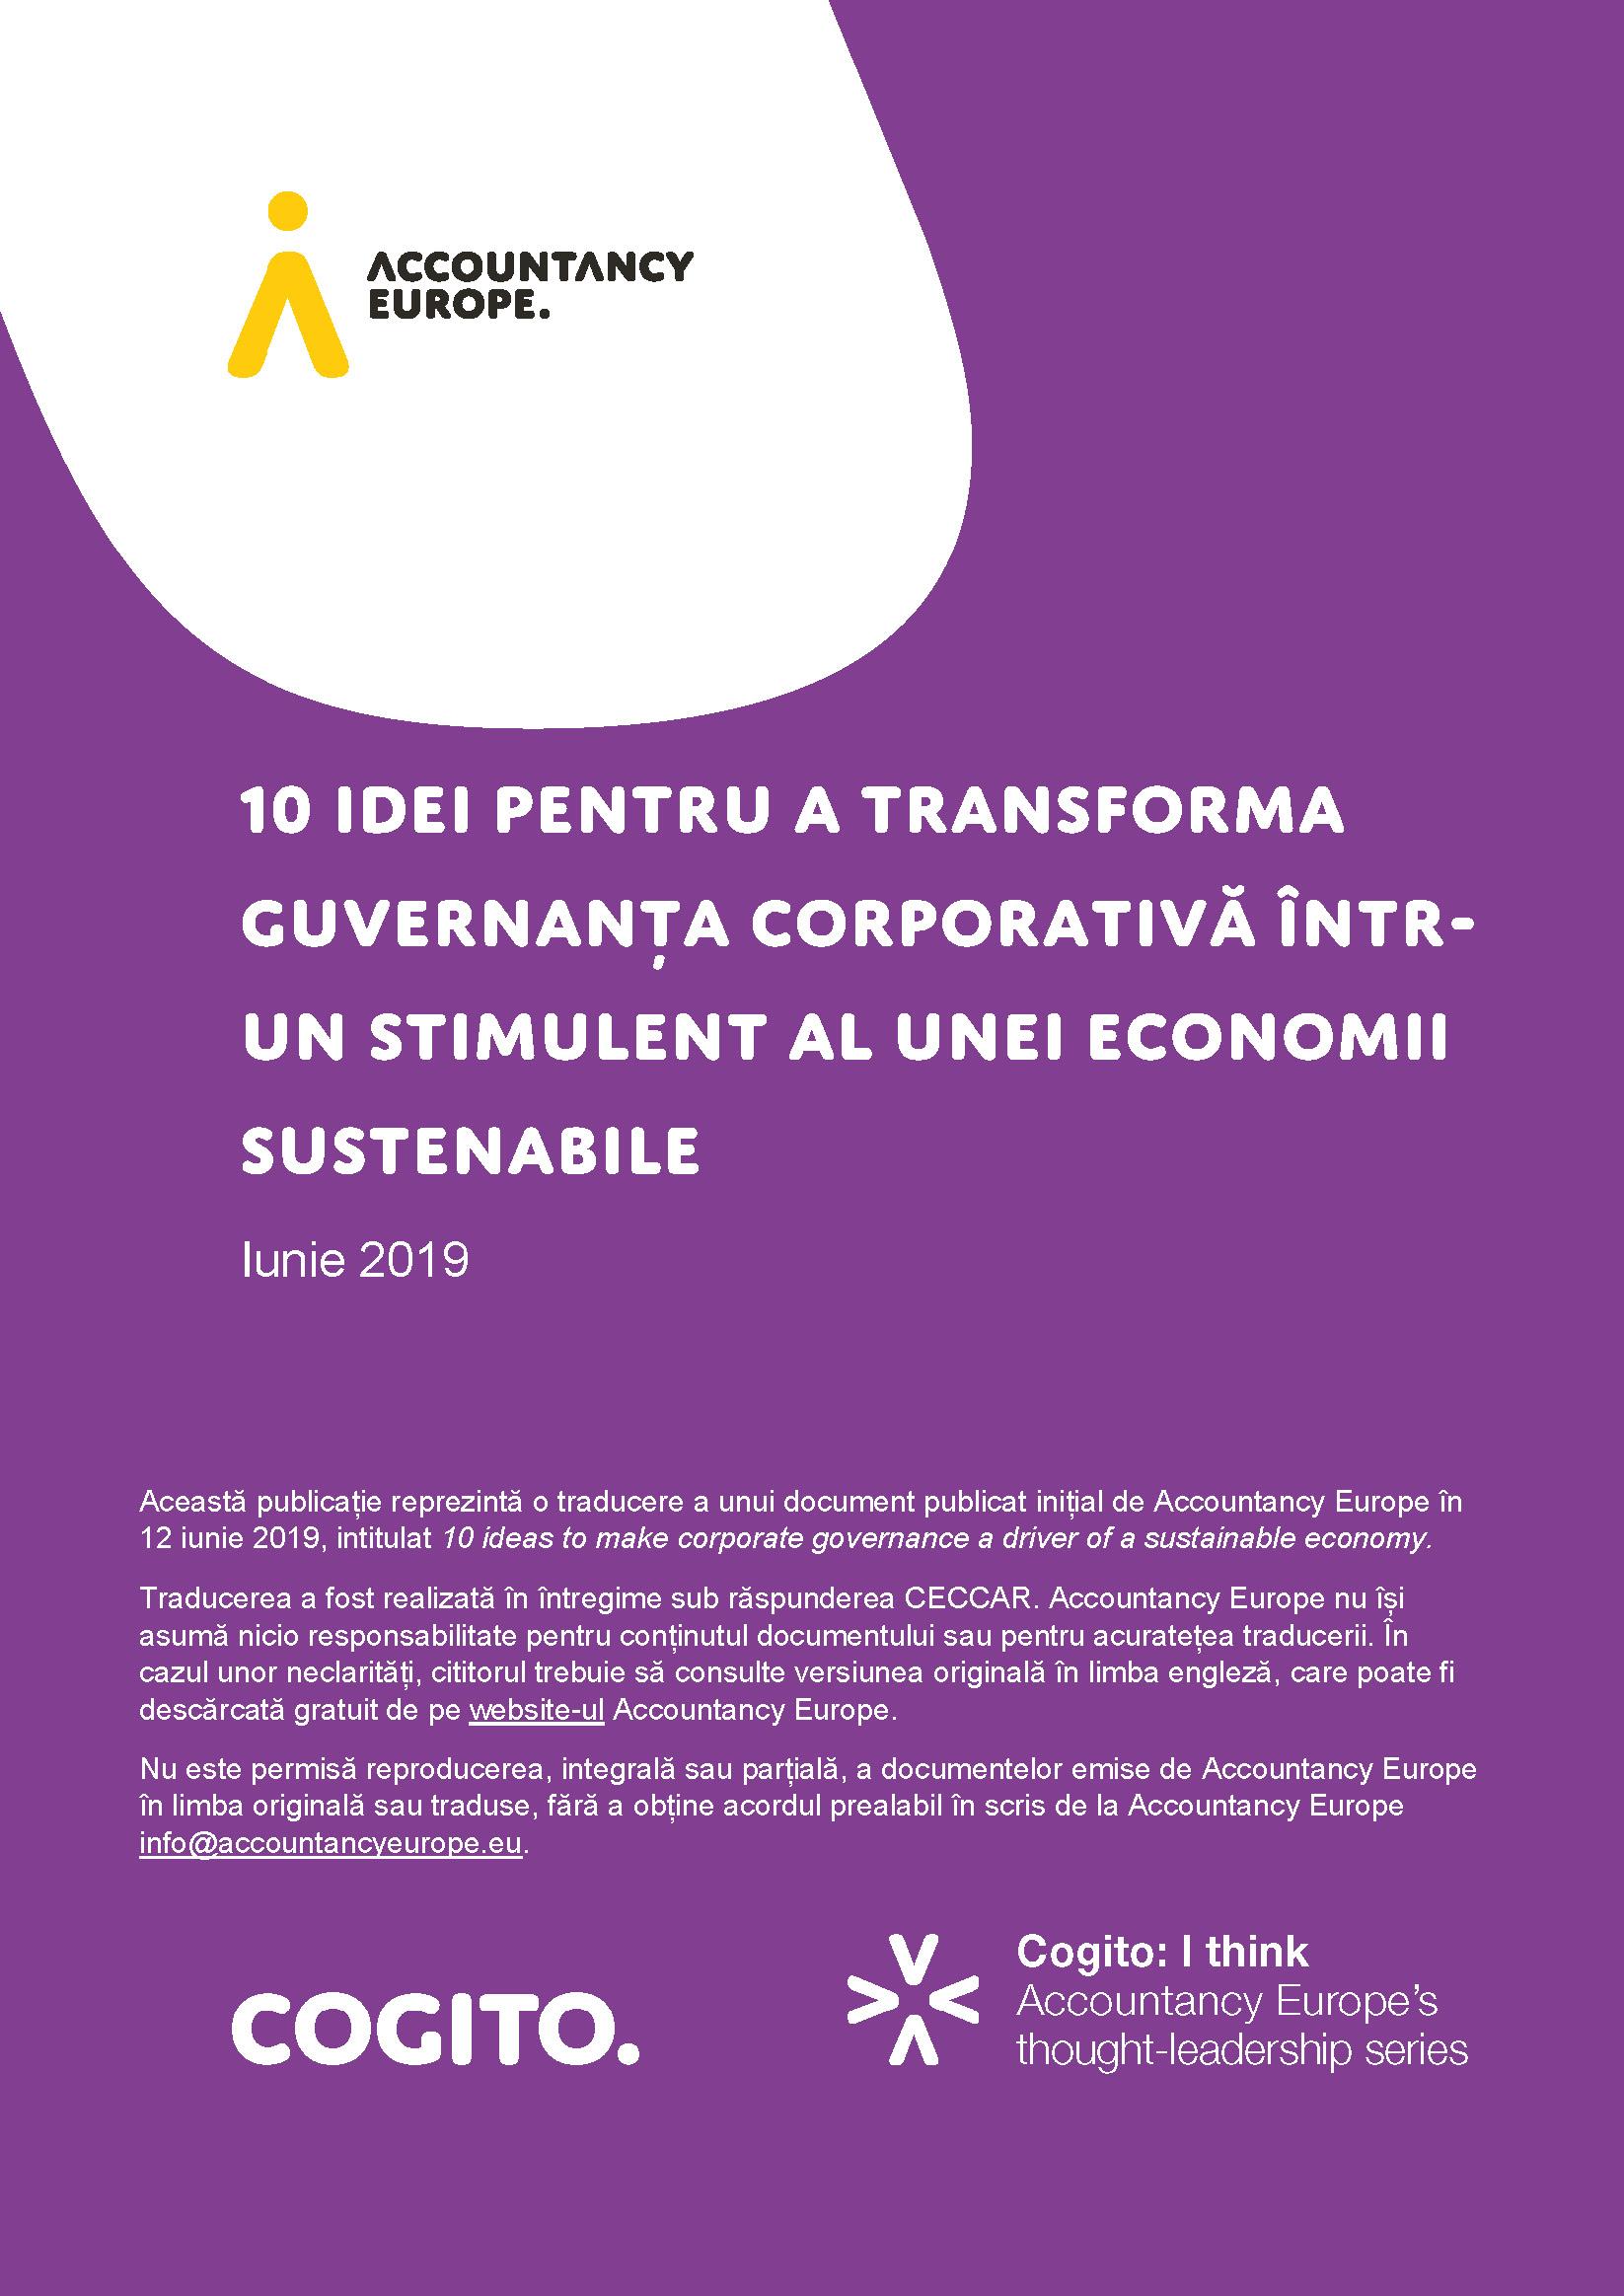 10 idei pentru a transforma guvernanța corporativă într-un stimulent al unei economii sustenabile